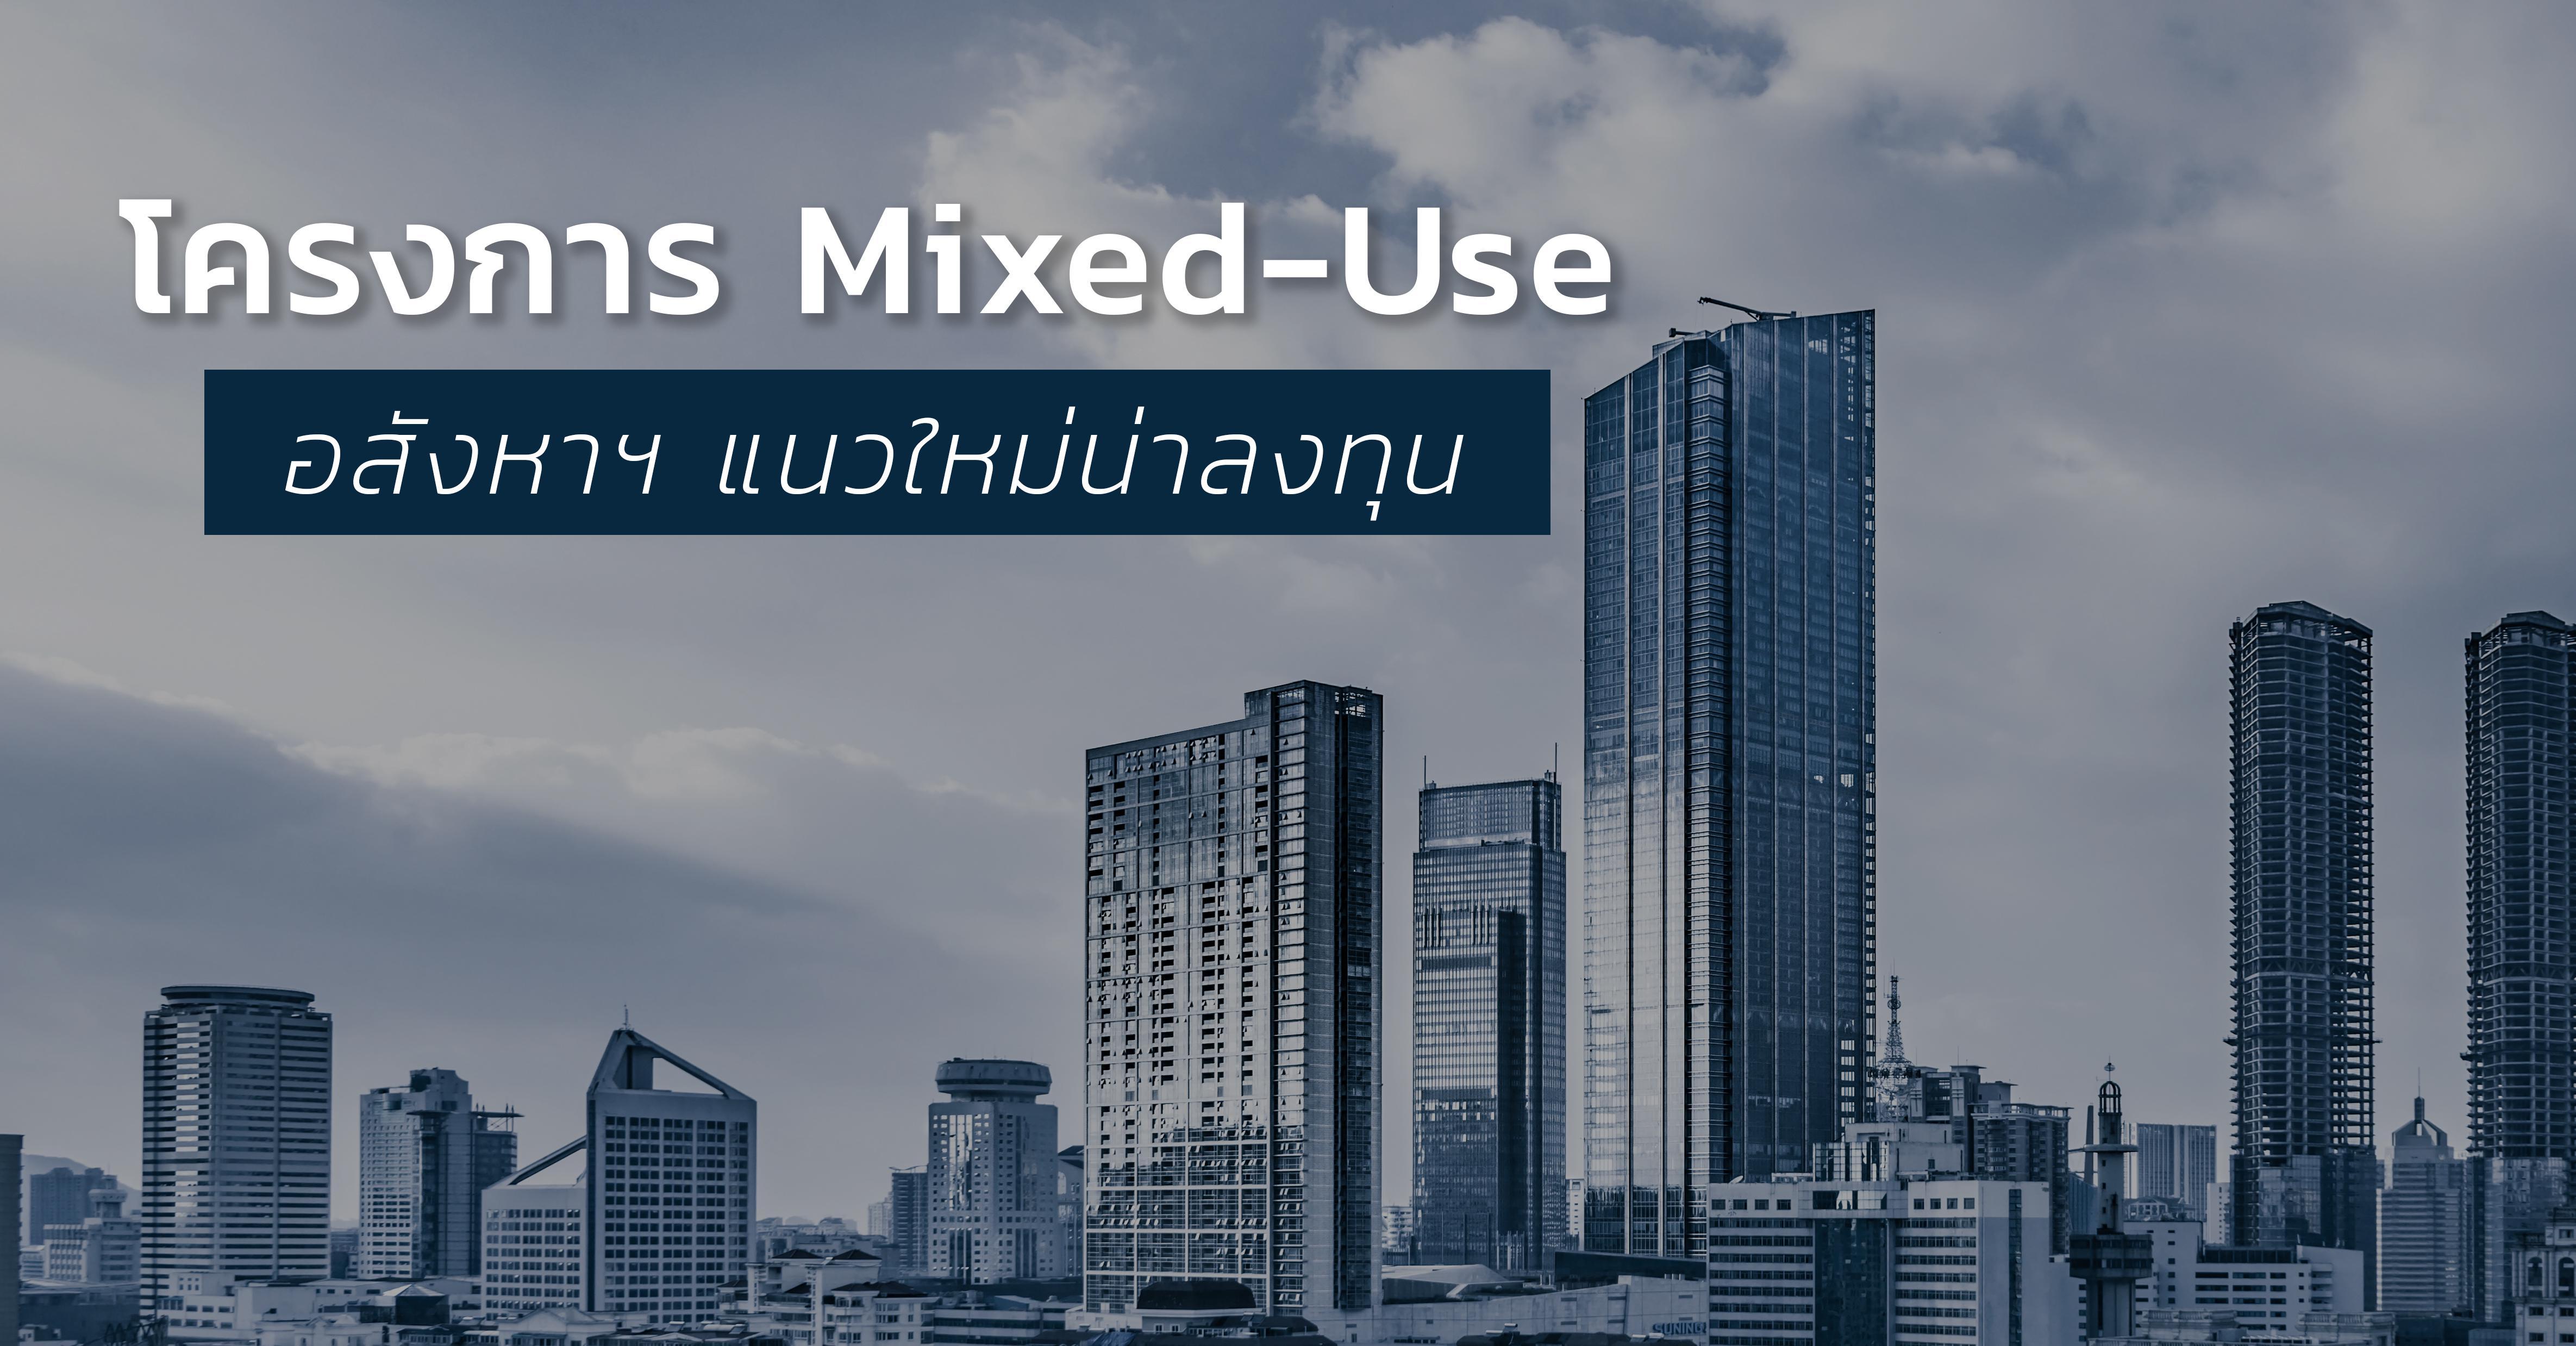 รูปบทความ โครงการมิกส์ยูส (Mixed-use) อสังหาฯ แนวใหม่ที่ใครๆ ก็อยากลงทุน